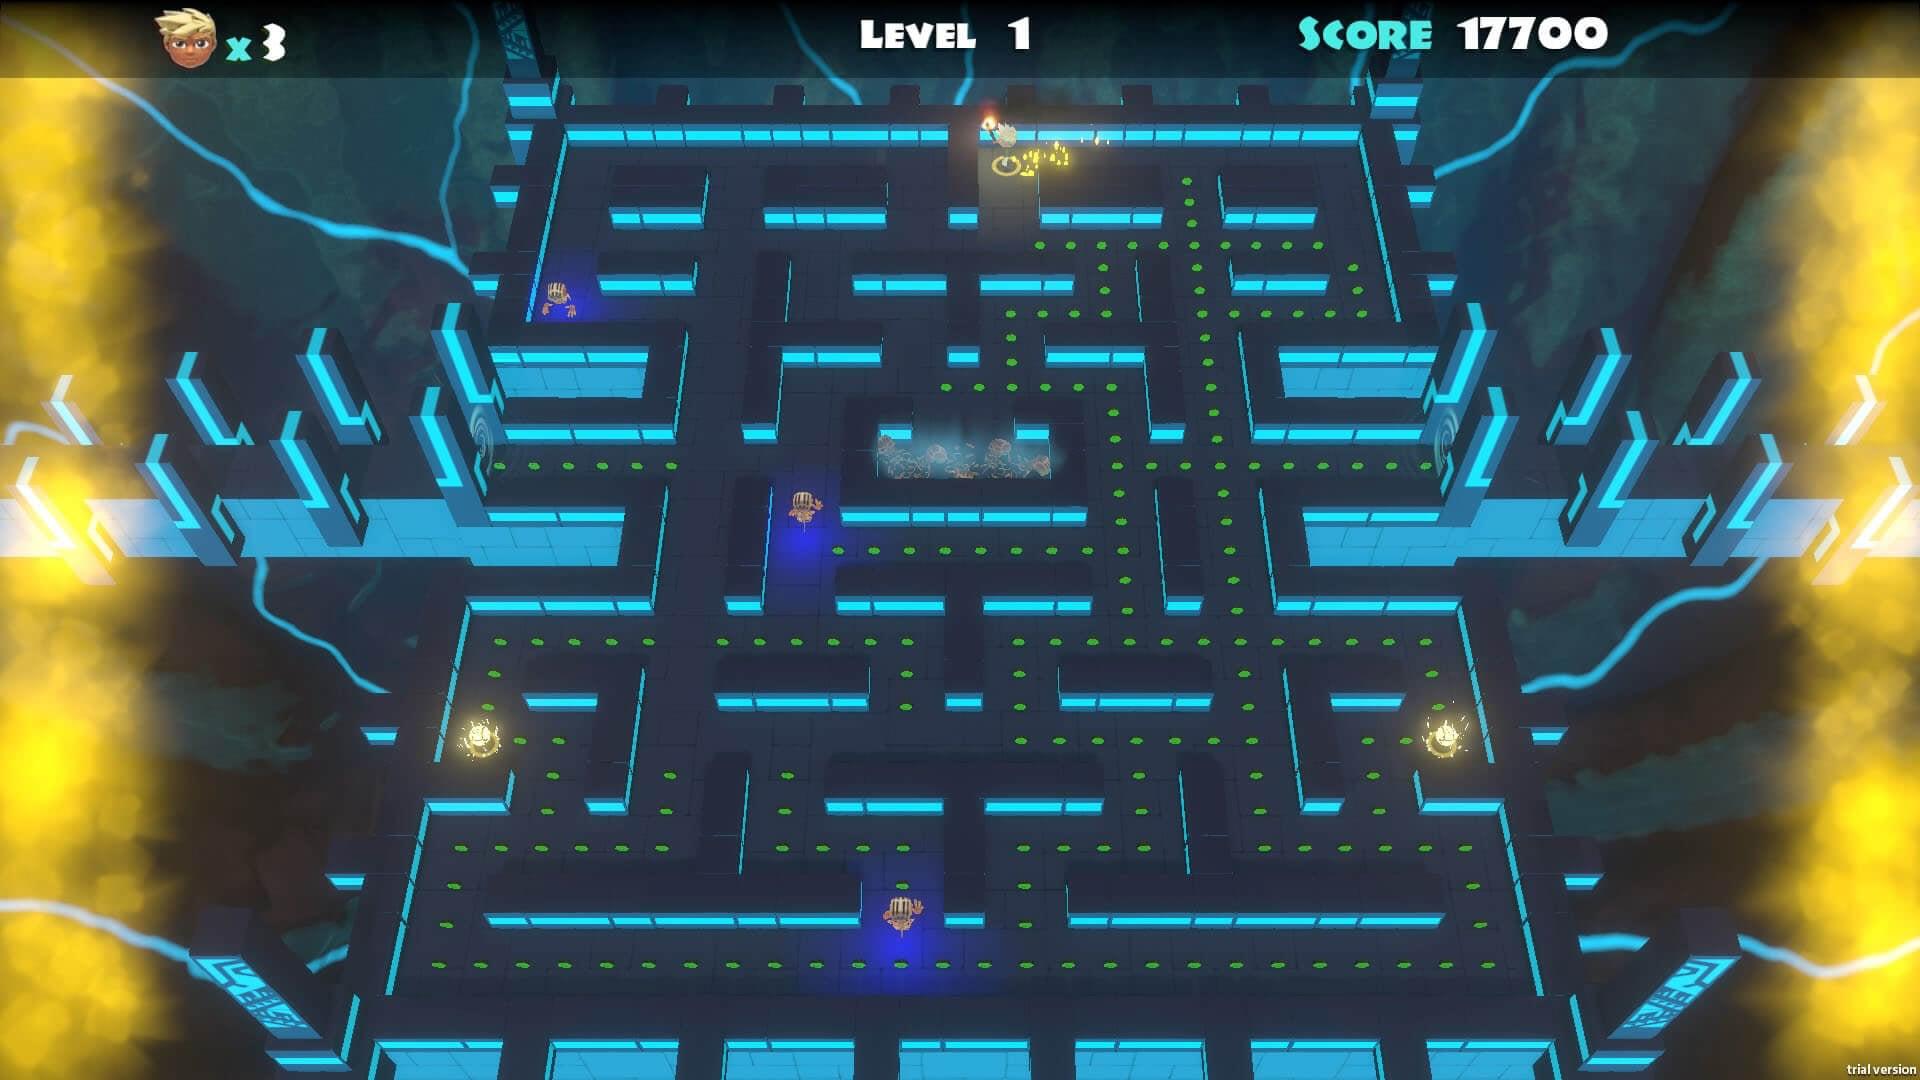 EU Playstation Store Update: June 3rd, 2016